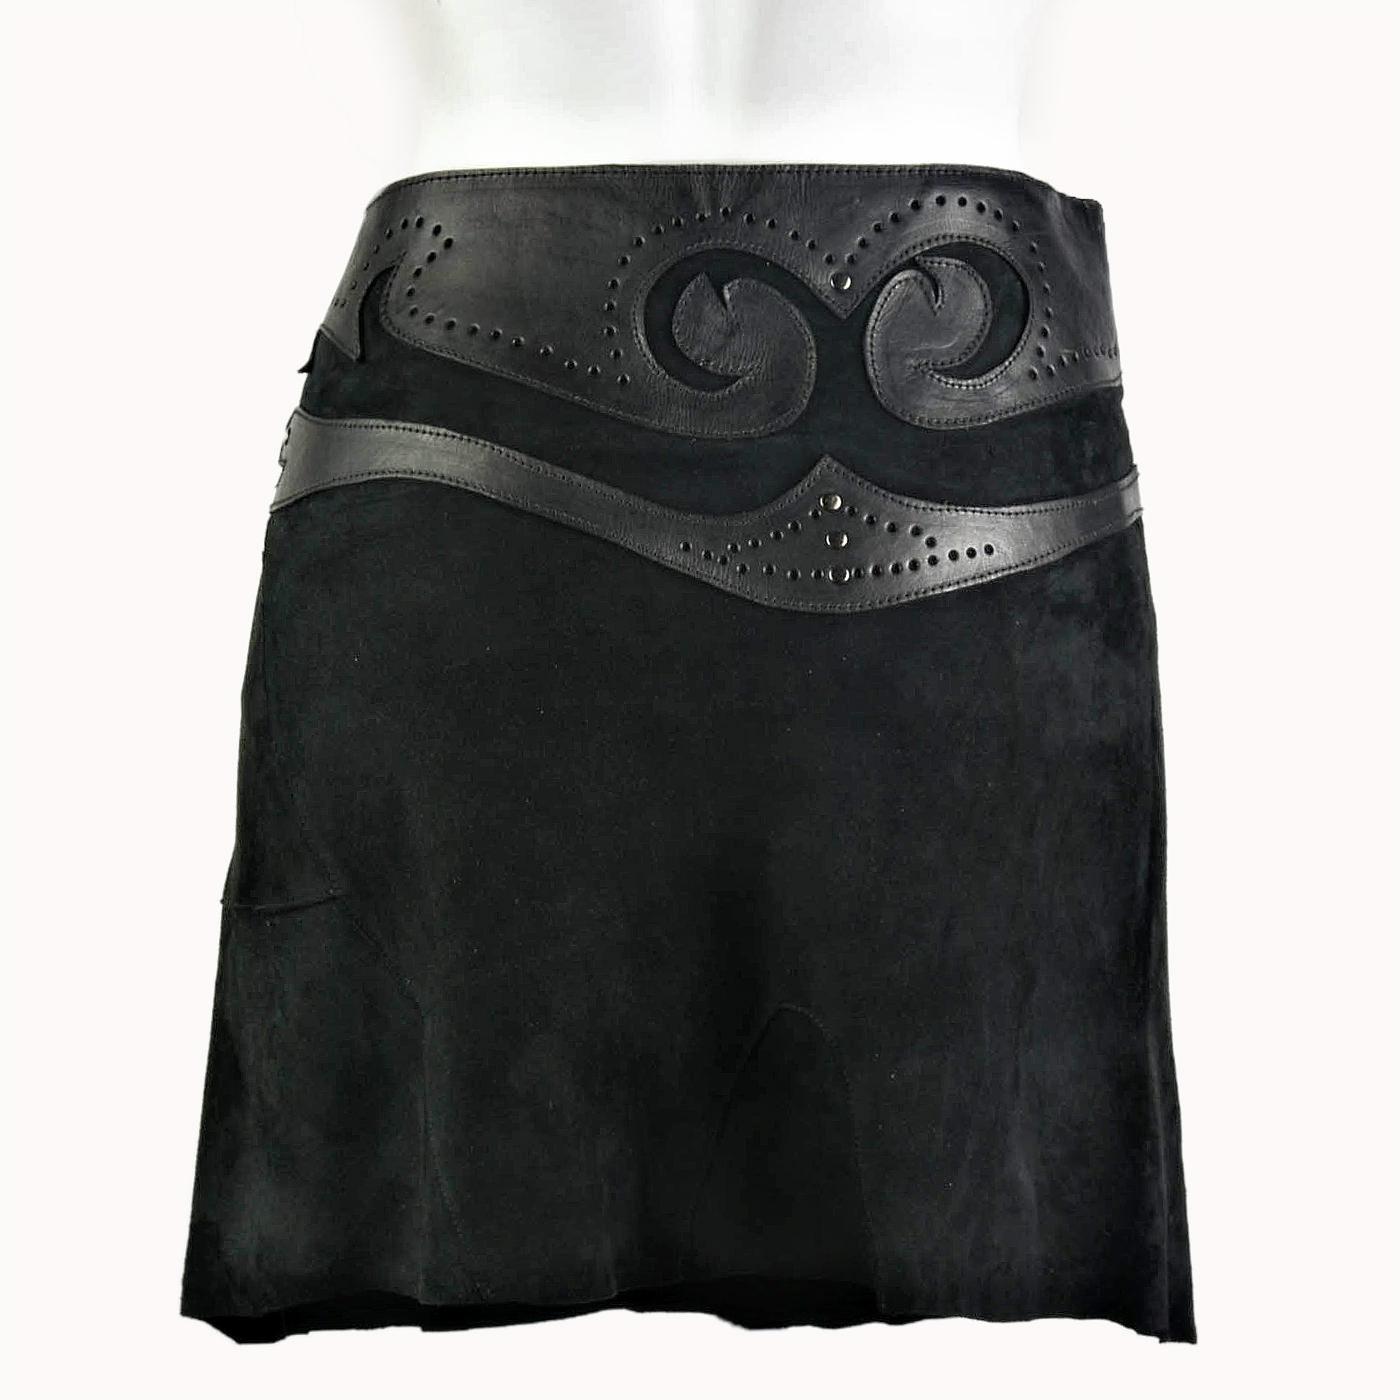 bd255c5d162cd3 Suede rok met leren tailleband zwart - TastefulTas.nl